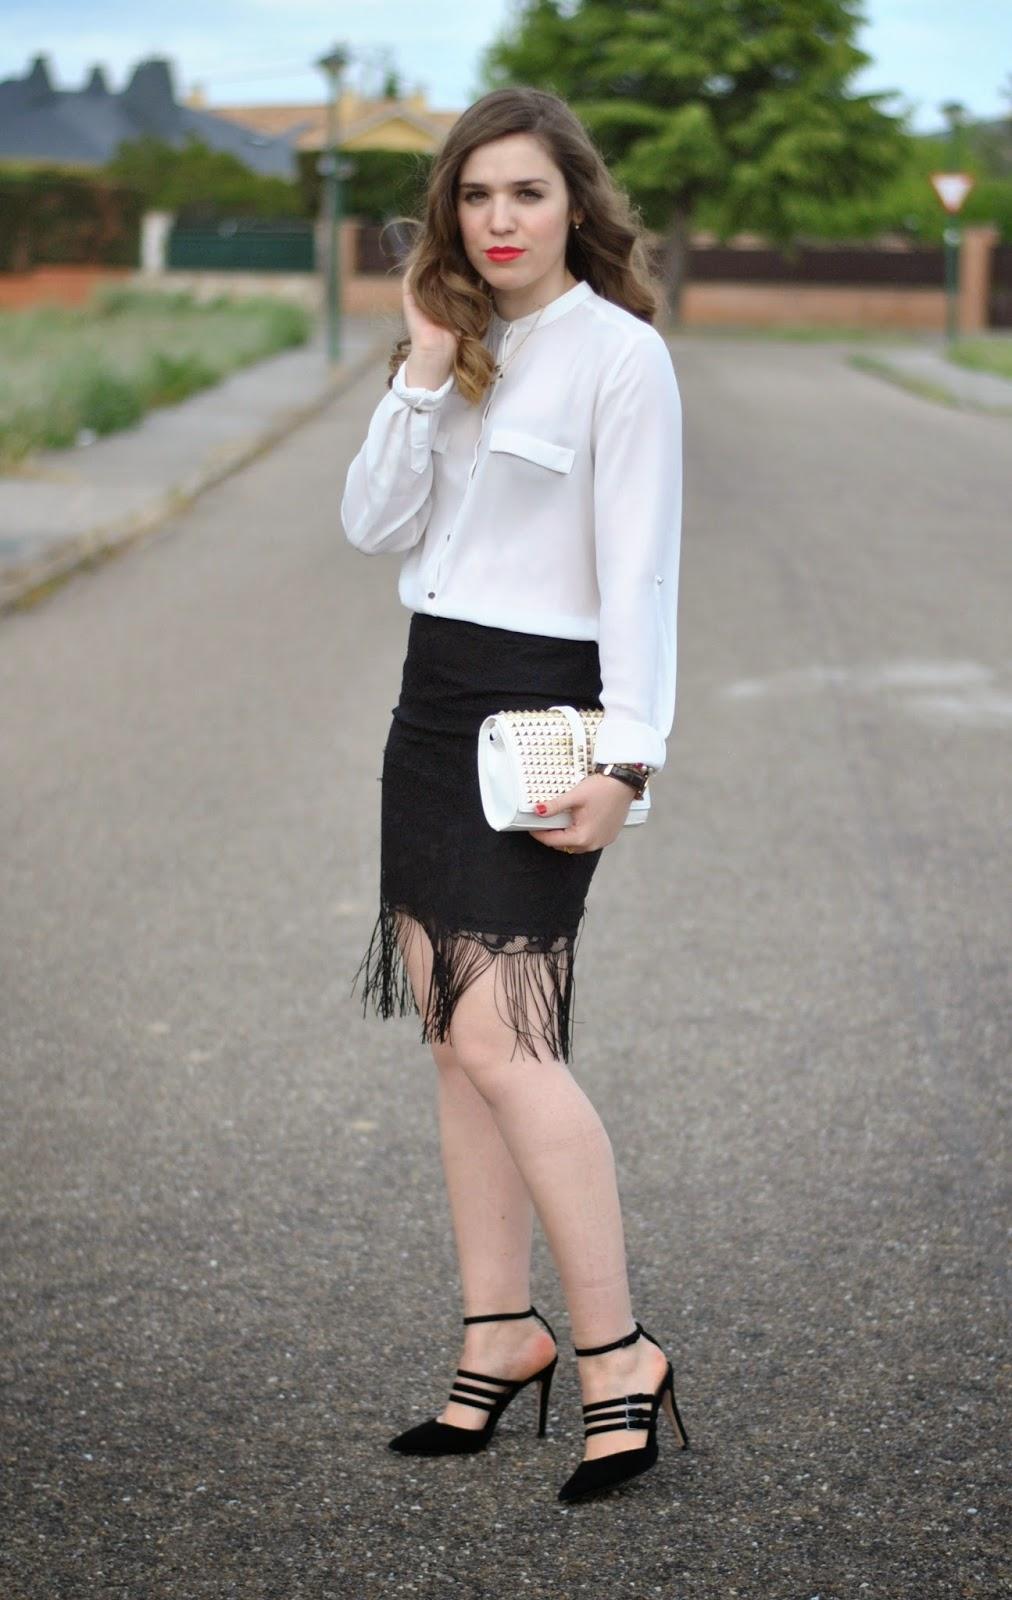 Fringes in my skirt